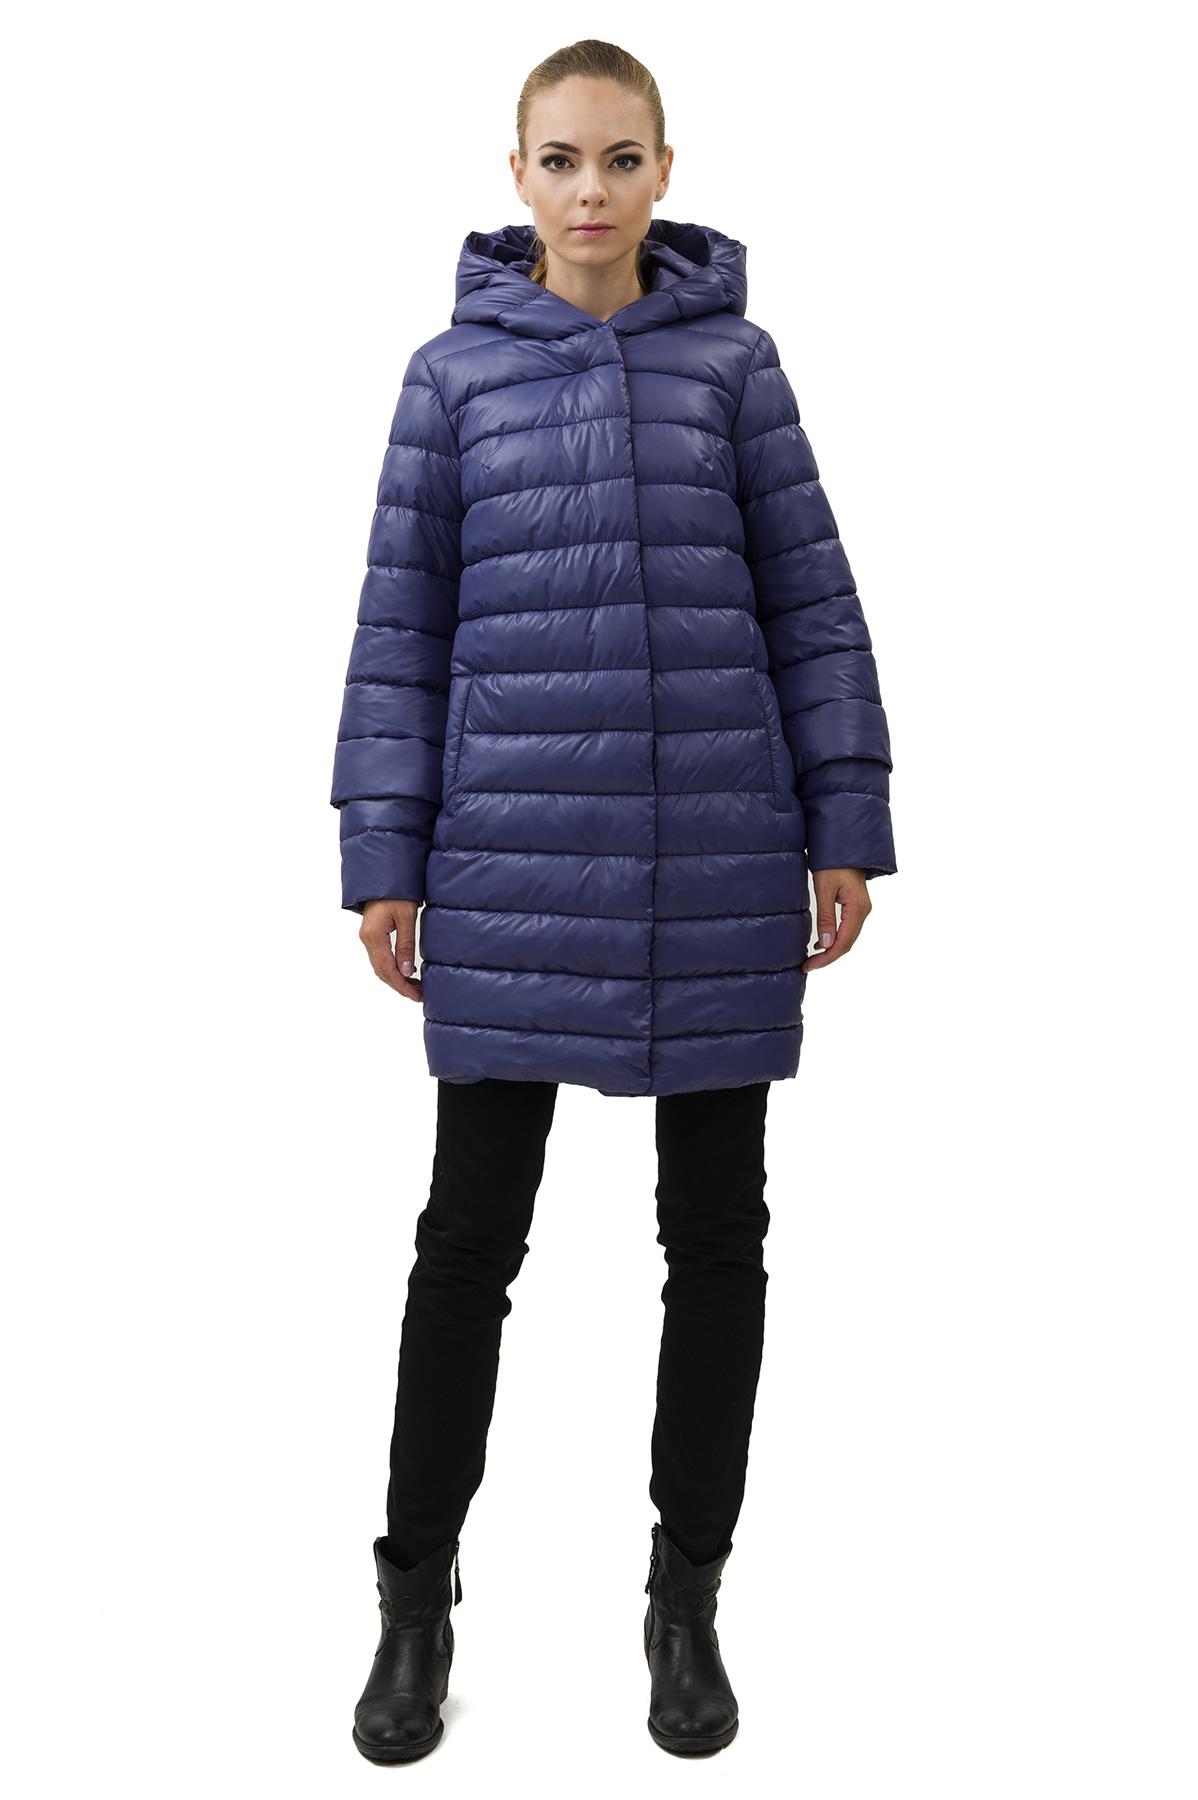 ПальтоЗимние куртки, пальто, пуховики<br>В холодный зимний день очень важно ощущение тепла и комфорта. Это тепло может подарить Вам это очаровательное полупальто. модель прекрасно сидит по фигуре. Оригинальность пальто заключается в модной яркой расцветке.<br><br>Цвет: фиолетовый<br>Состав: 100% полиэстер Подкладка: 100% полиэстер Утеплитель:  синтепух<br>Размер: 40,42,44,46,48,50<br>Страна дизайна: Россия<br>Страна производства: Россия